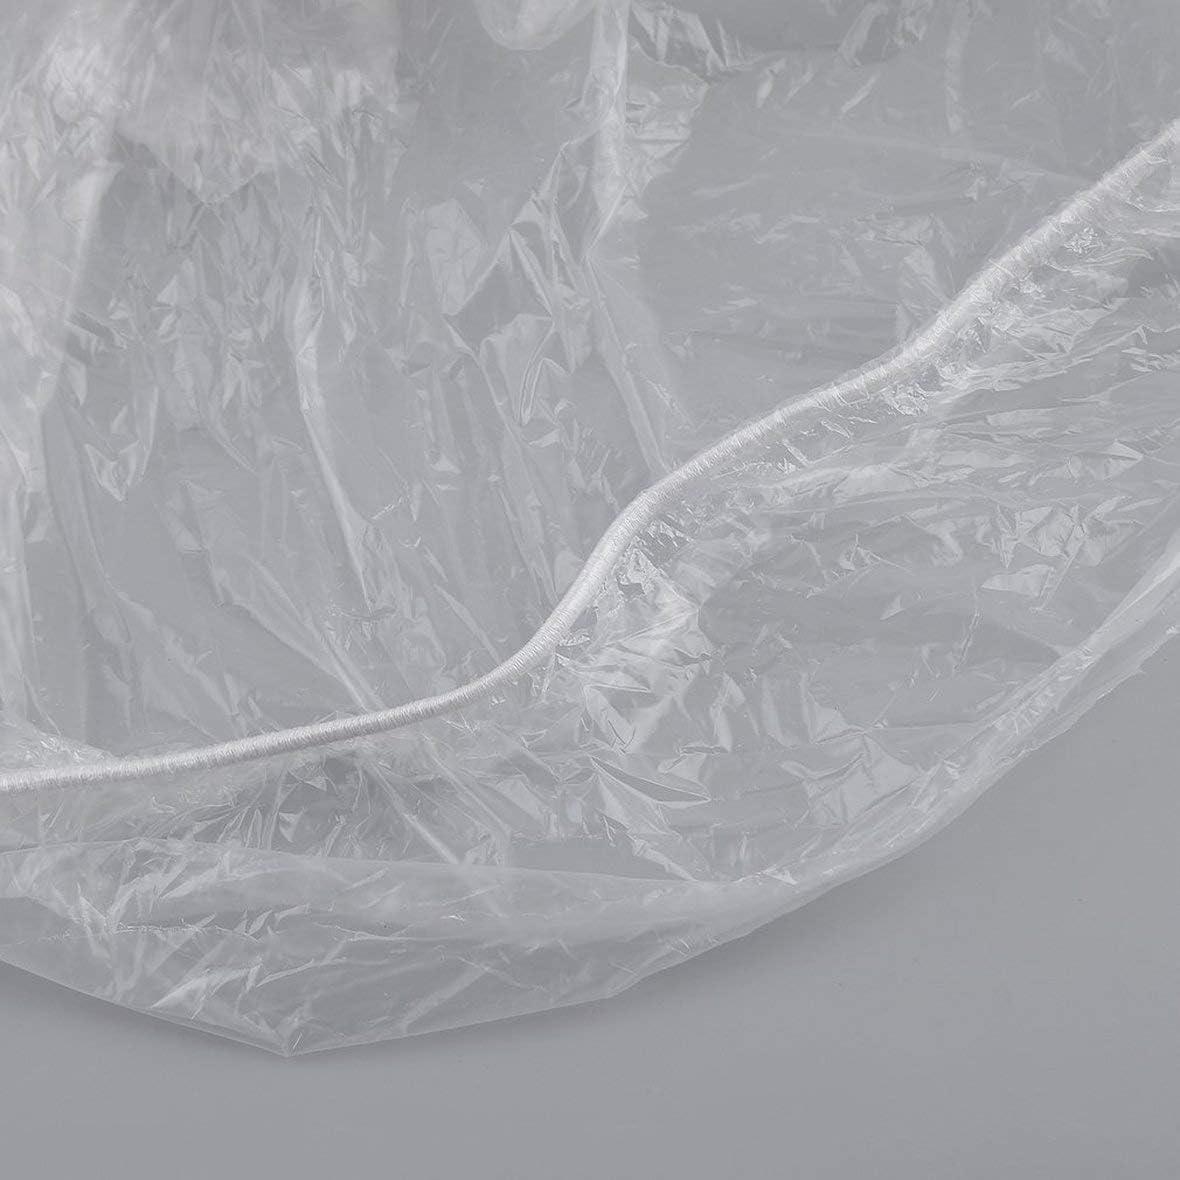 Heaviesk 2 st/ücke 6,6 3,8 Mt Transparent Auto Abdeckung Gro/ße Schnee Regen Schutzh/ülle Universal Staubmantel Staubdicht Anti-schmutz Autozubeh/ör